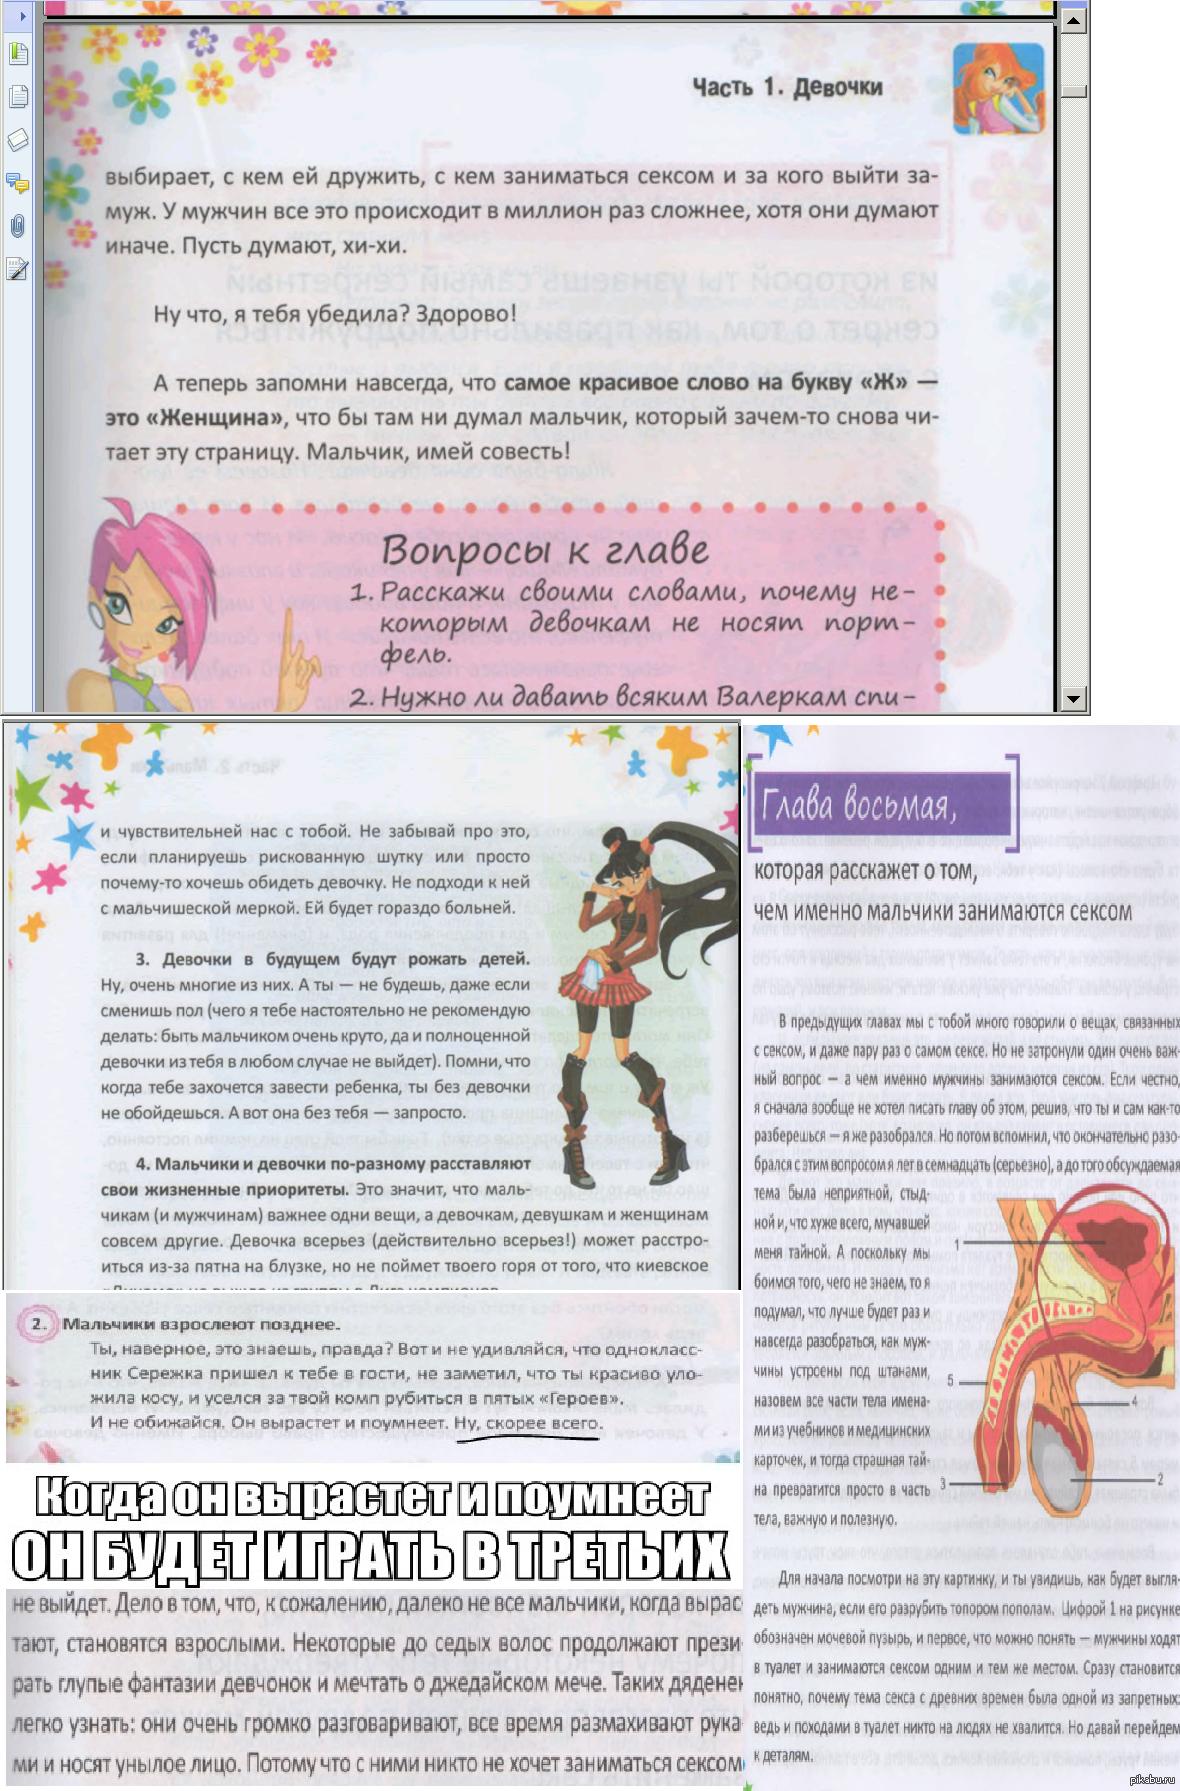 Секс учебник смотреть